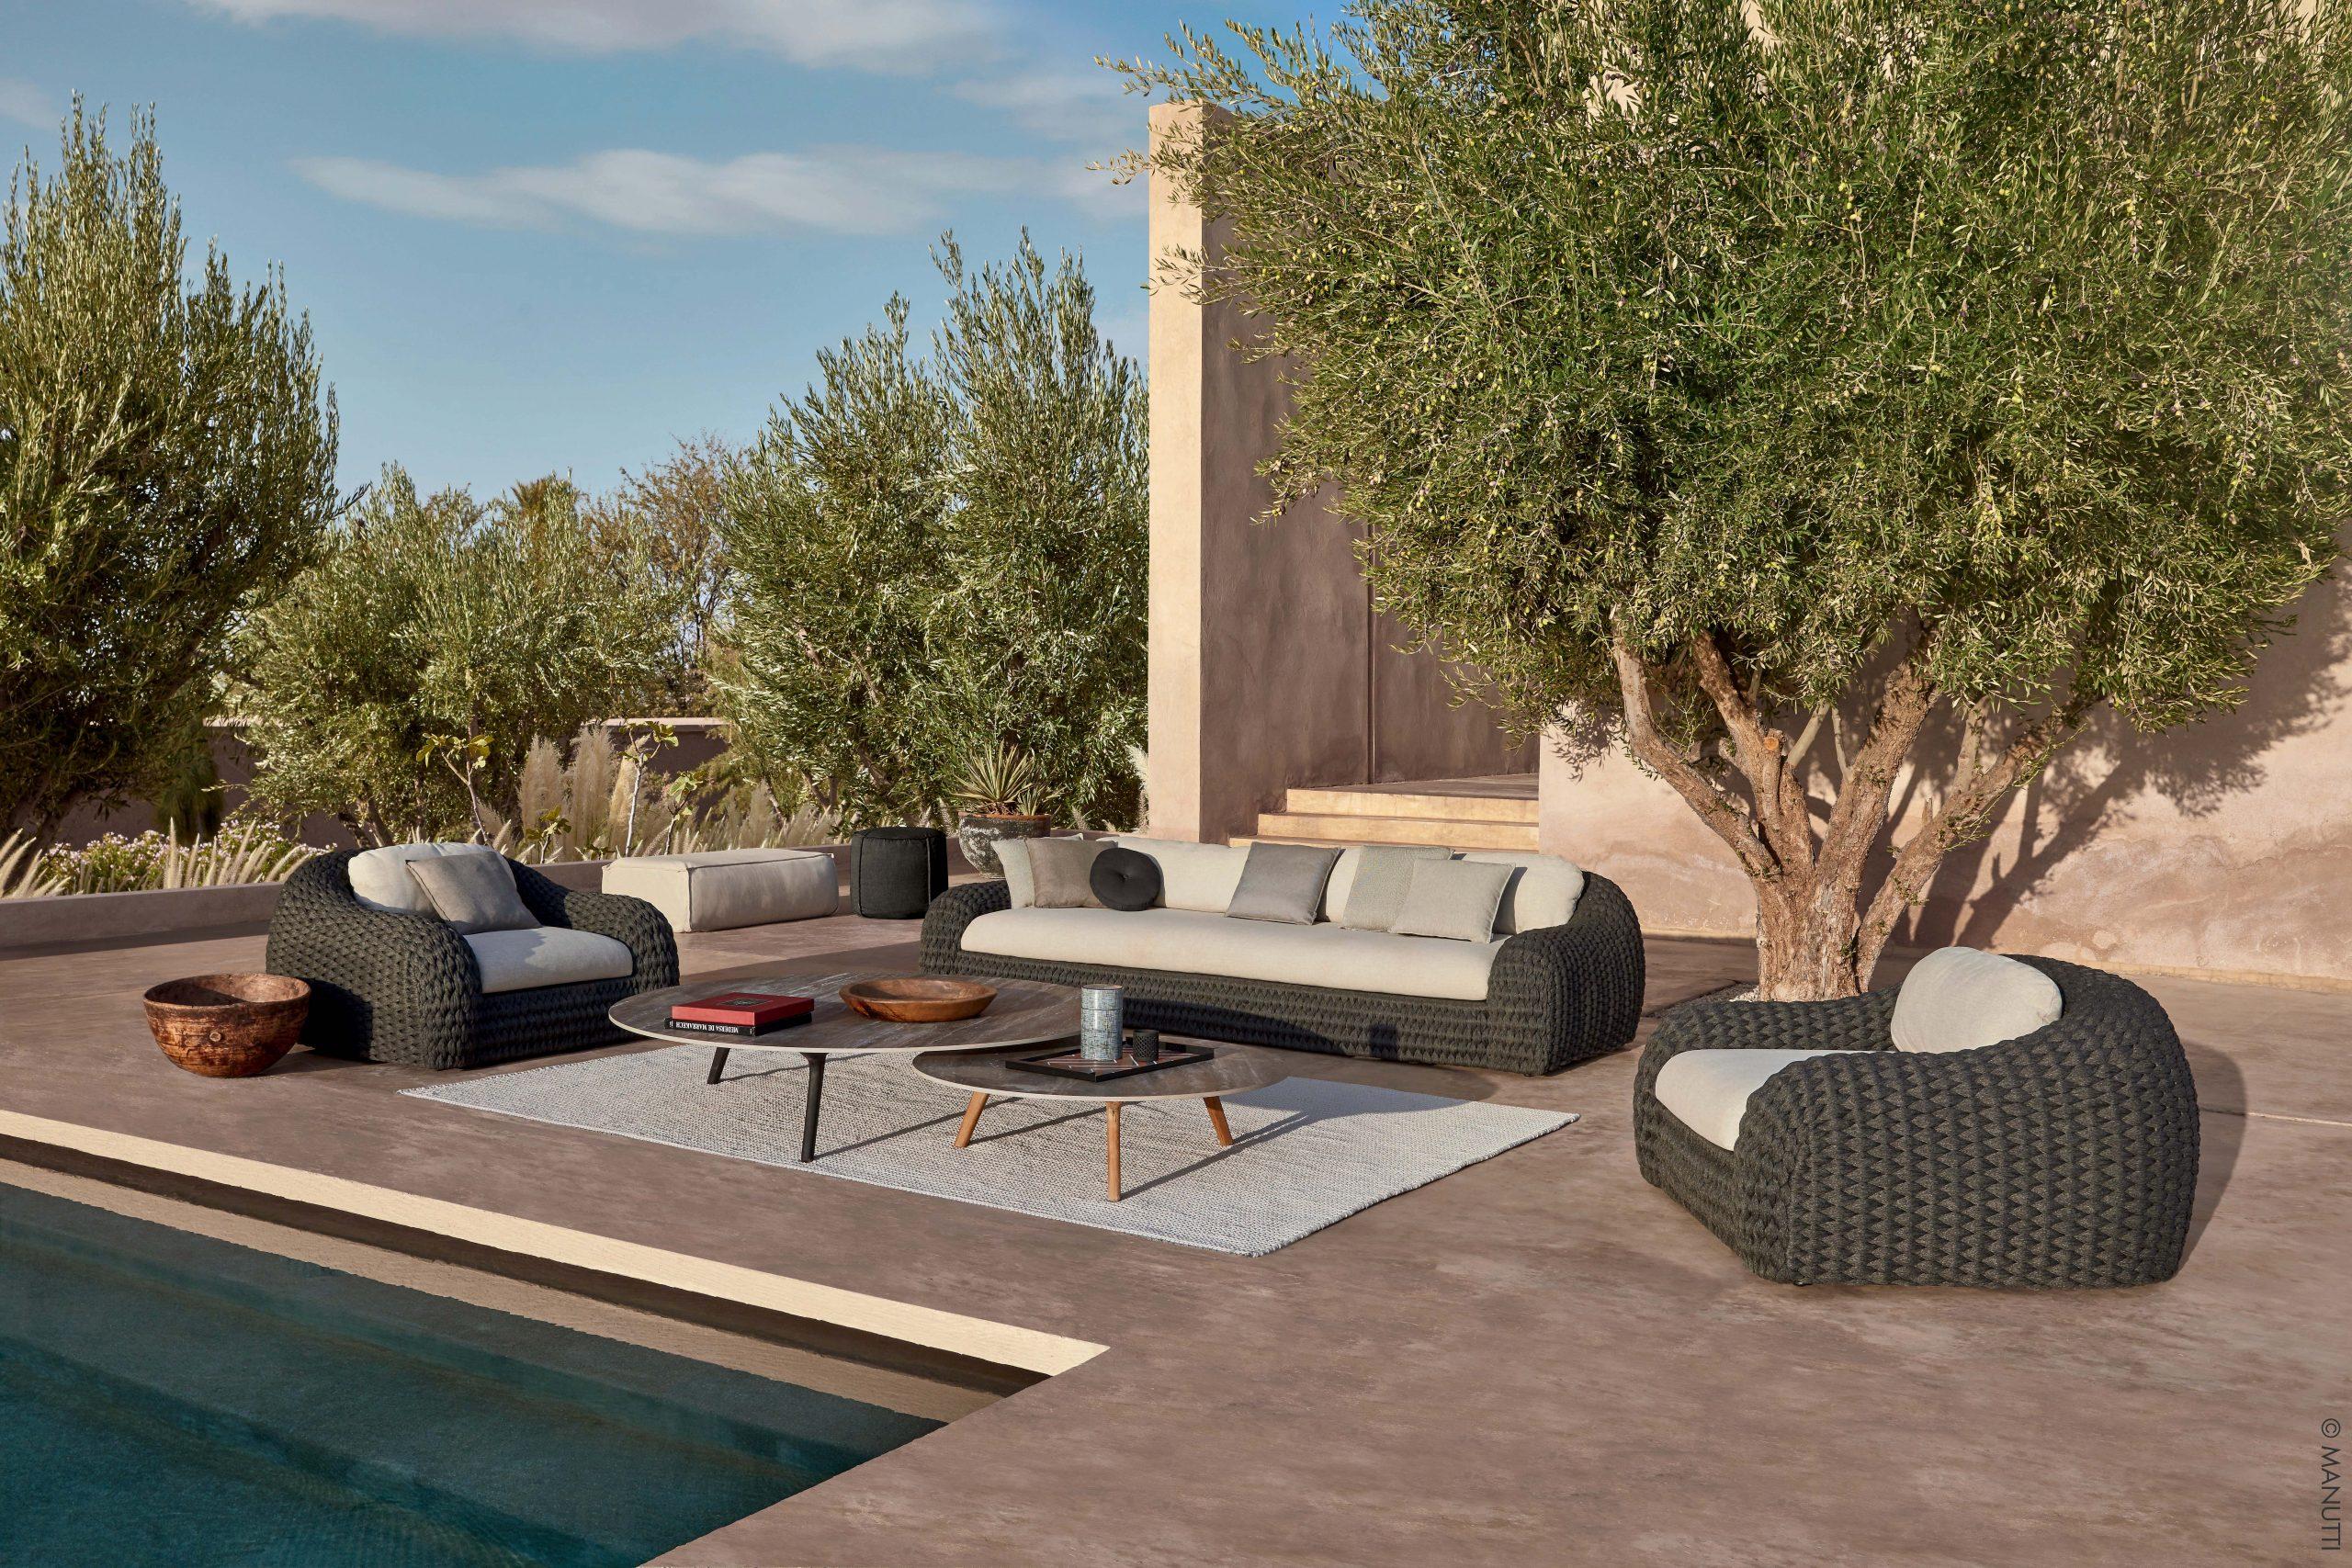 Préparez votre salon de jardin pour cet été !